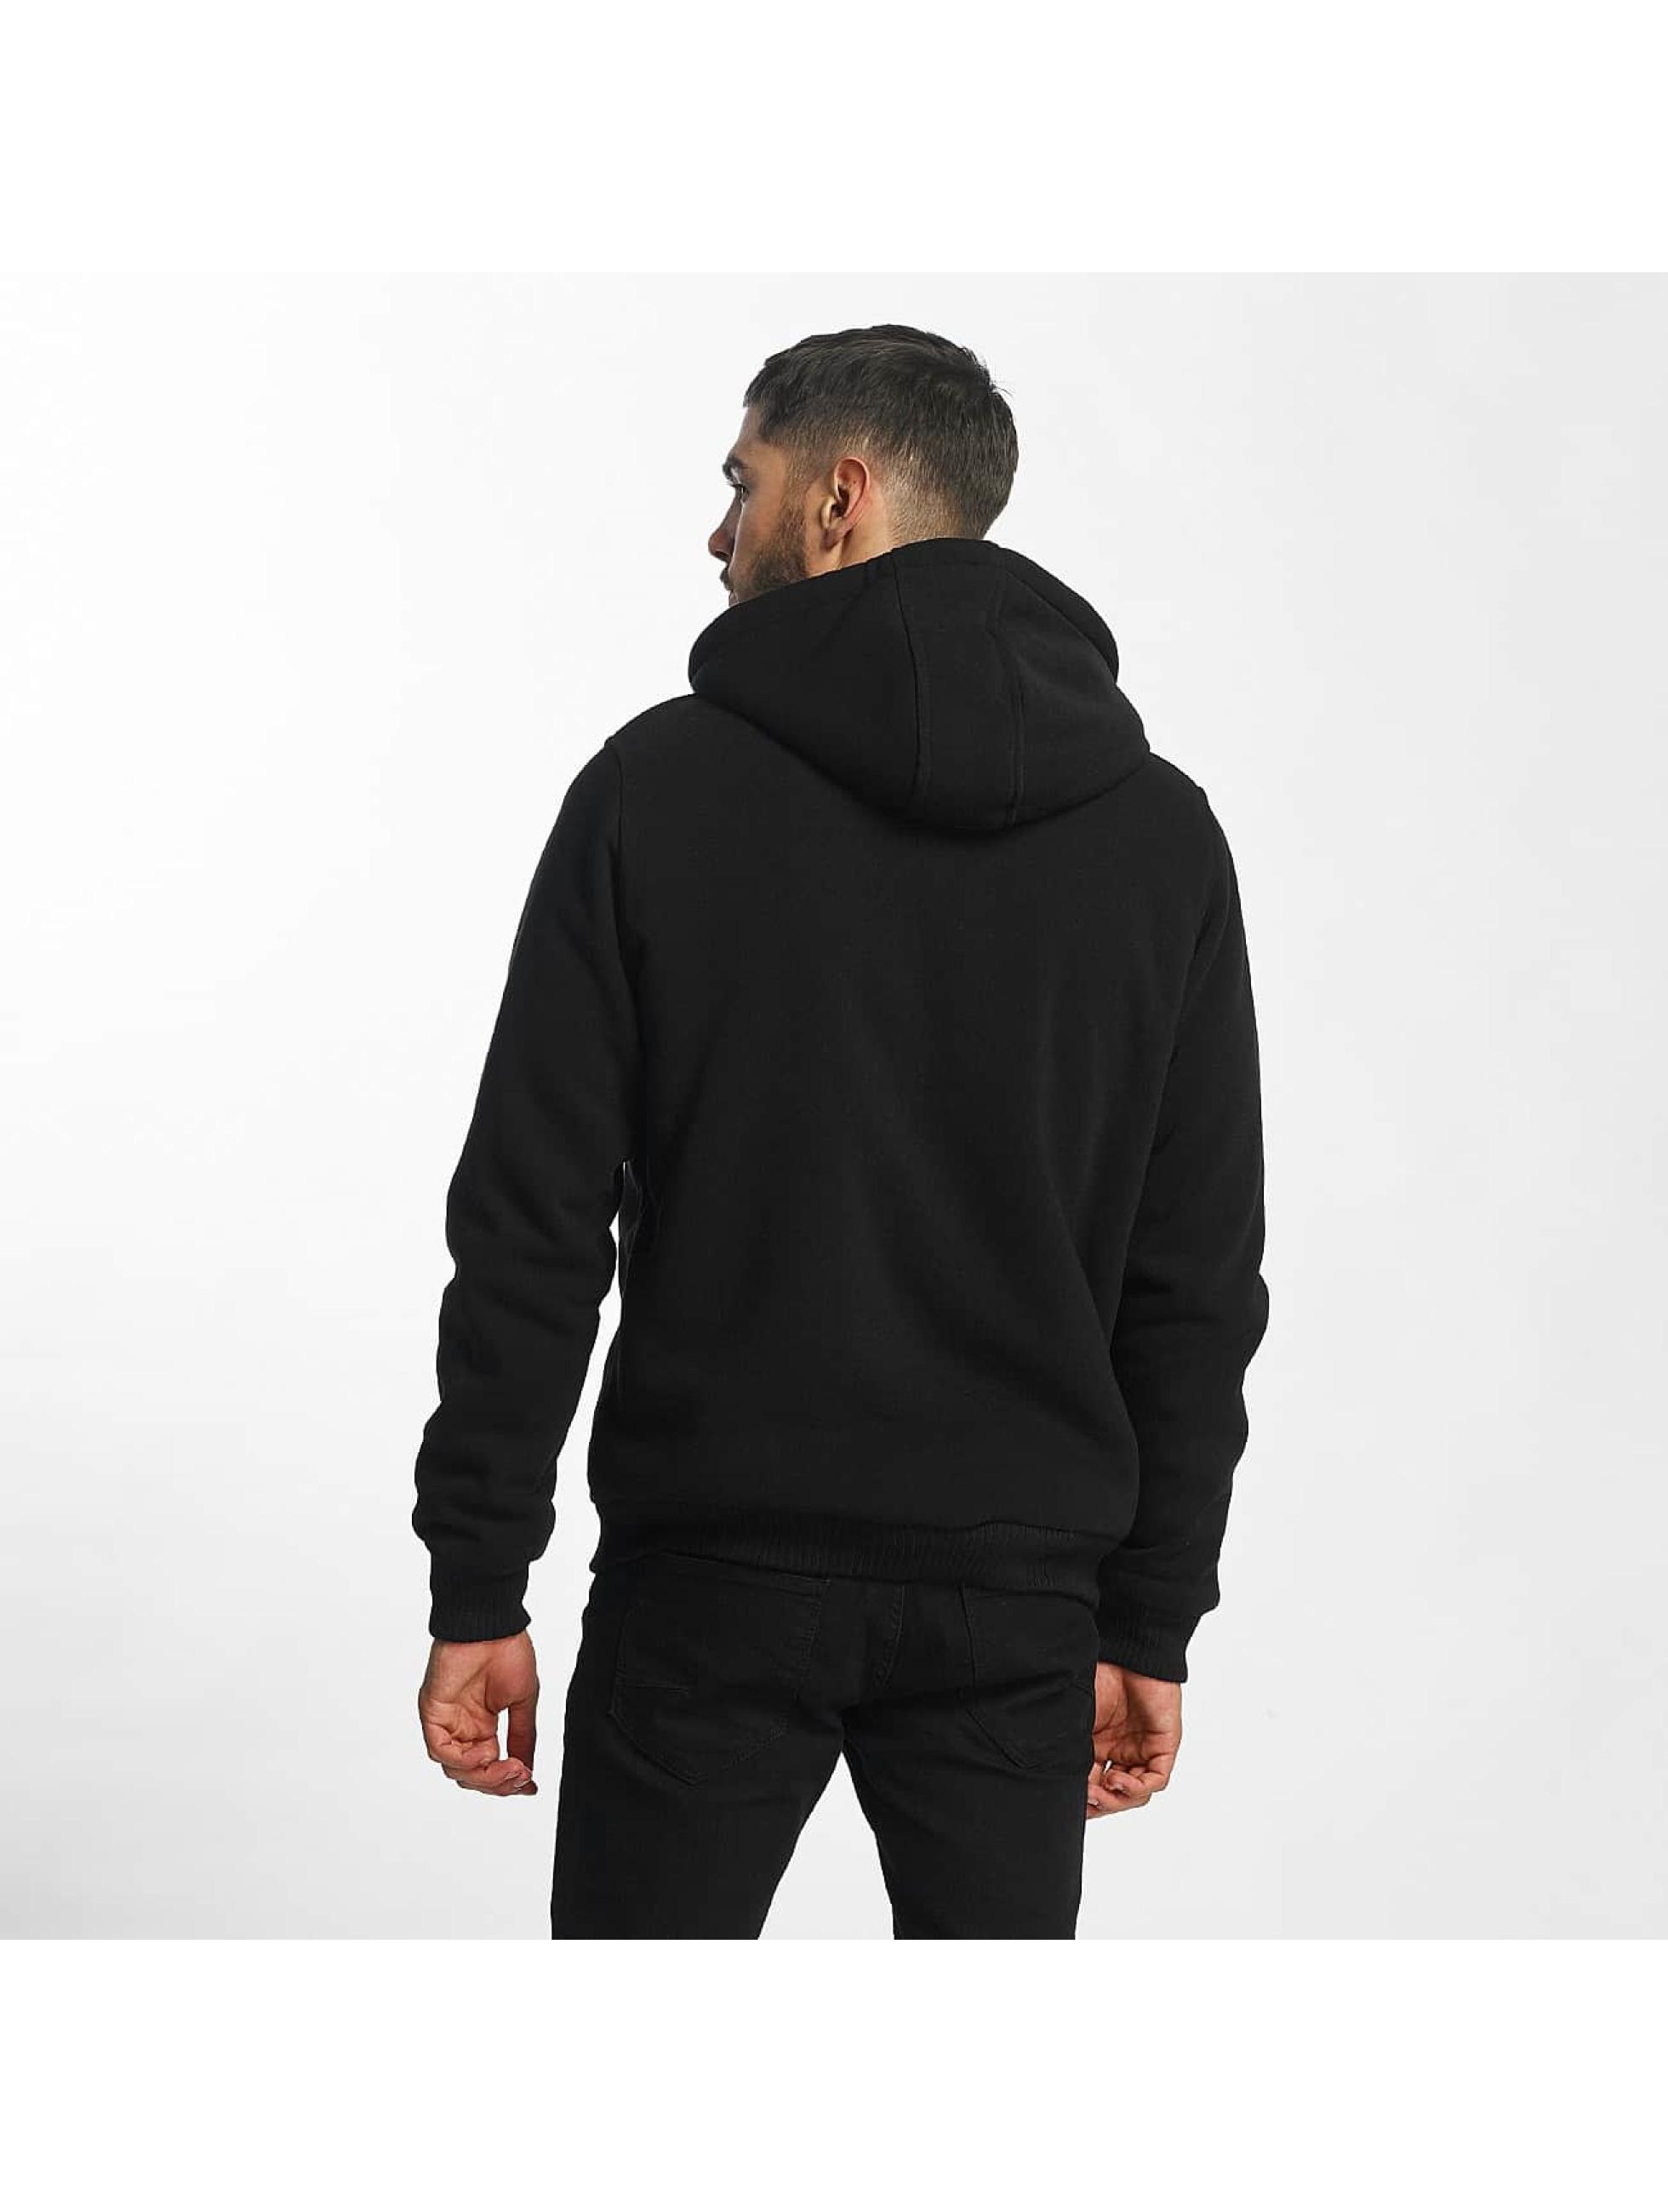 Brave Soul Zip Hoodie Sherpa Lined black